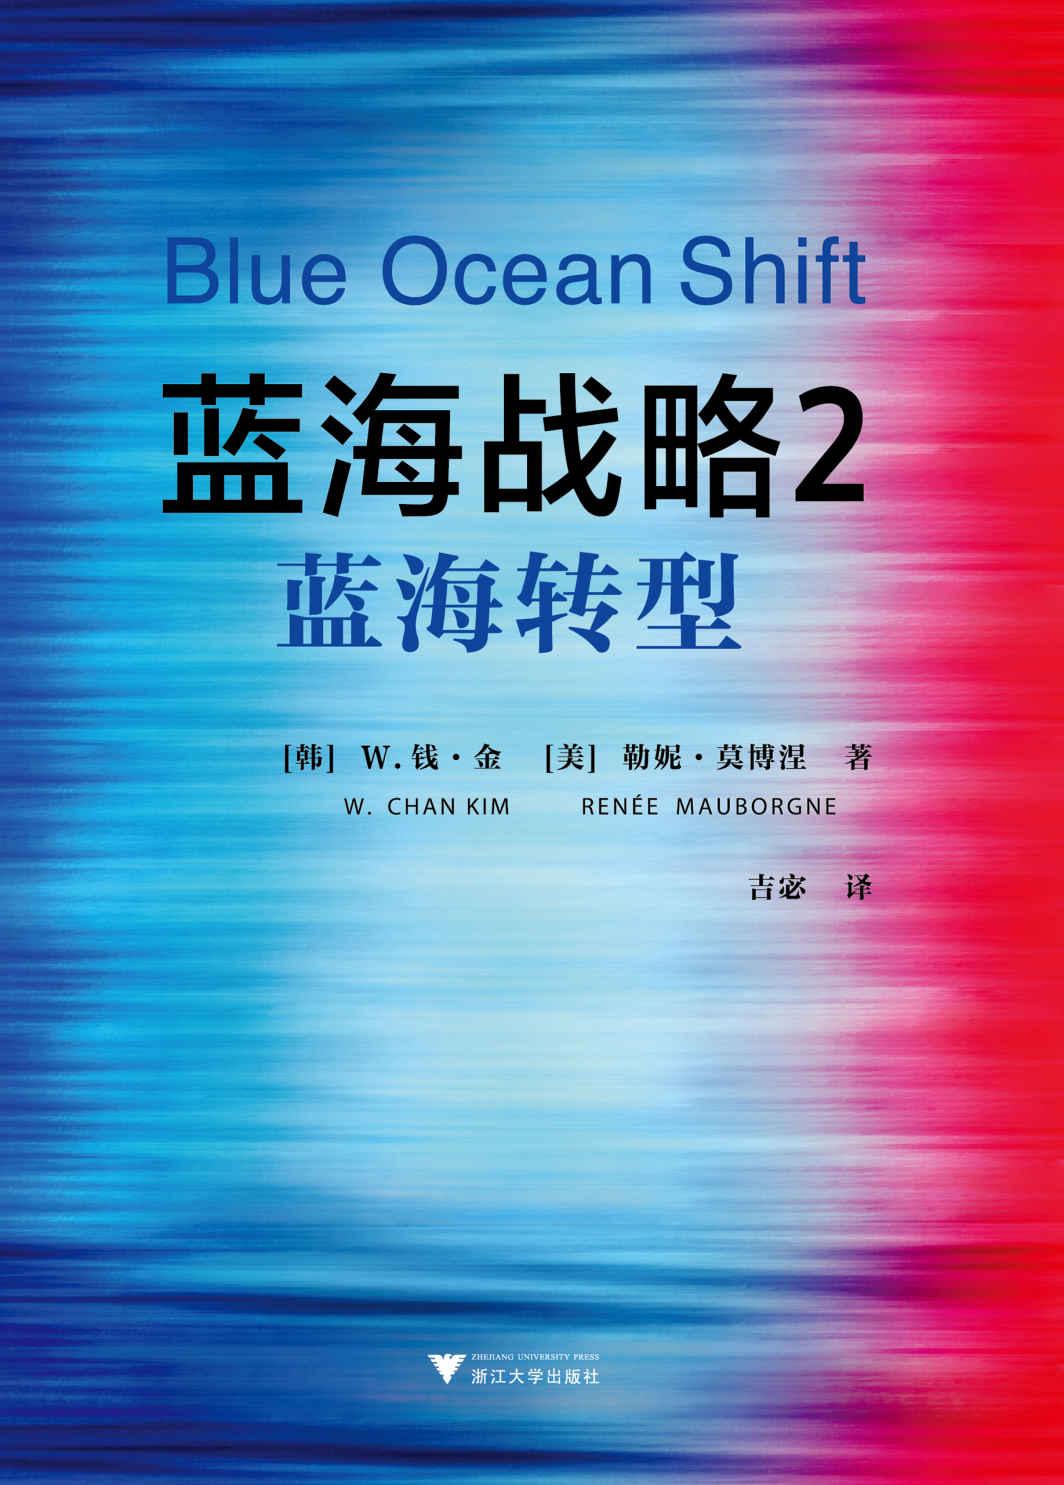 蓝海战略2:蓝海转型(epub+azw3+mobi)